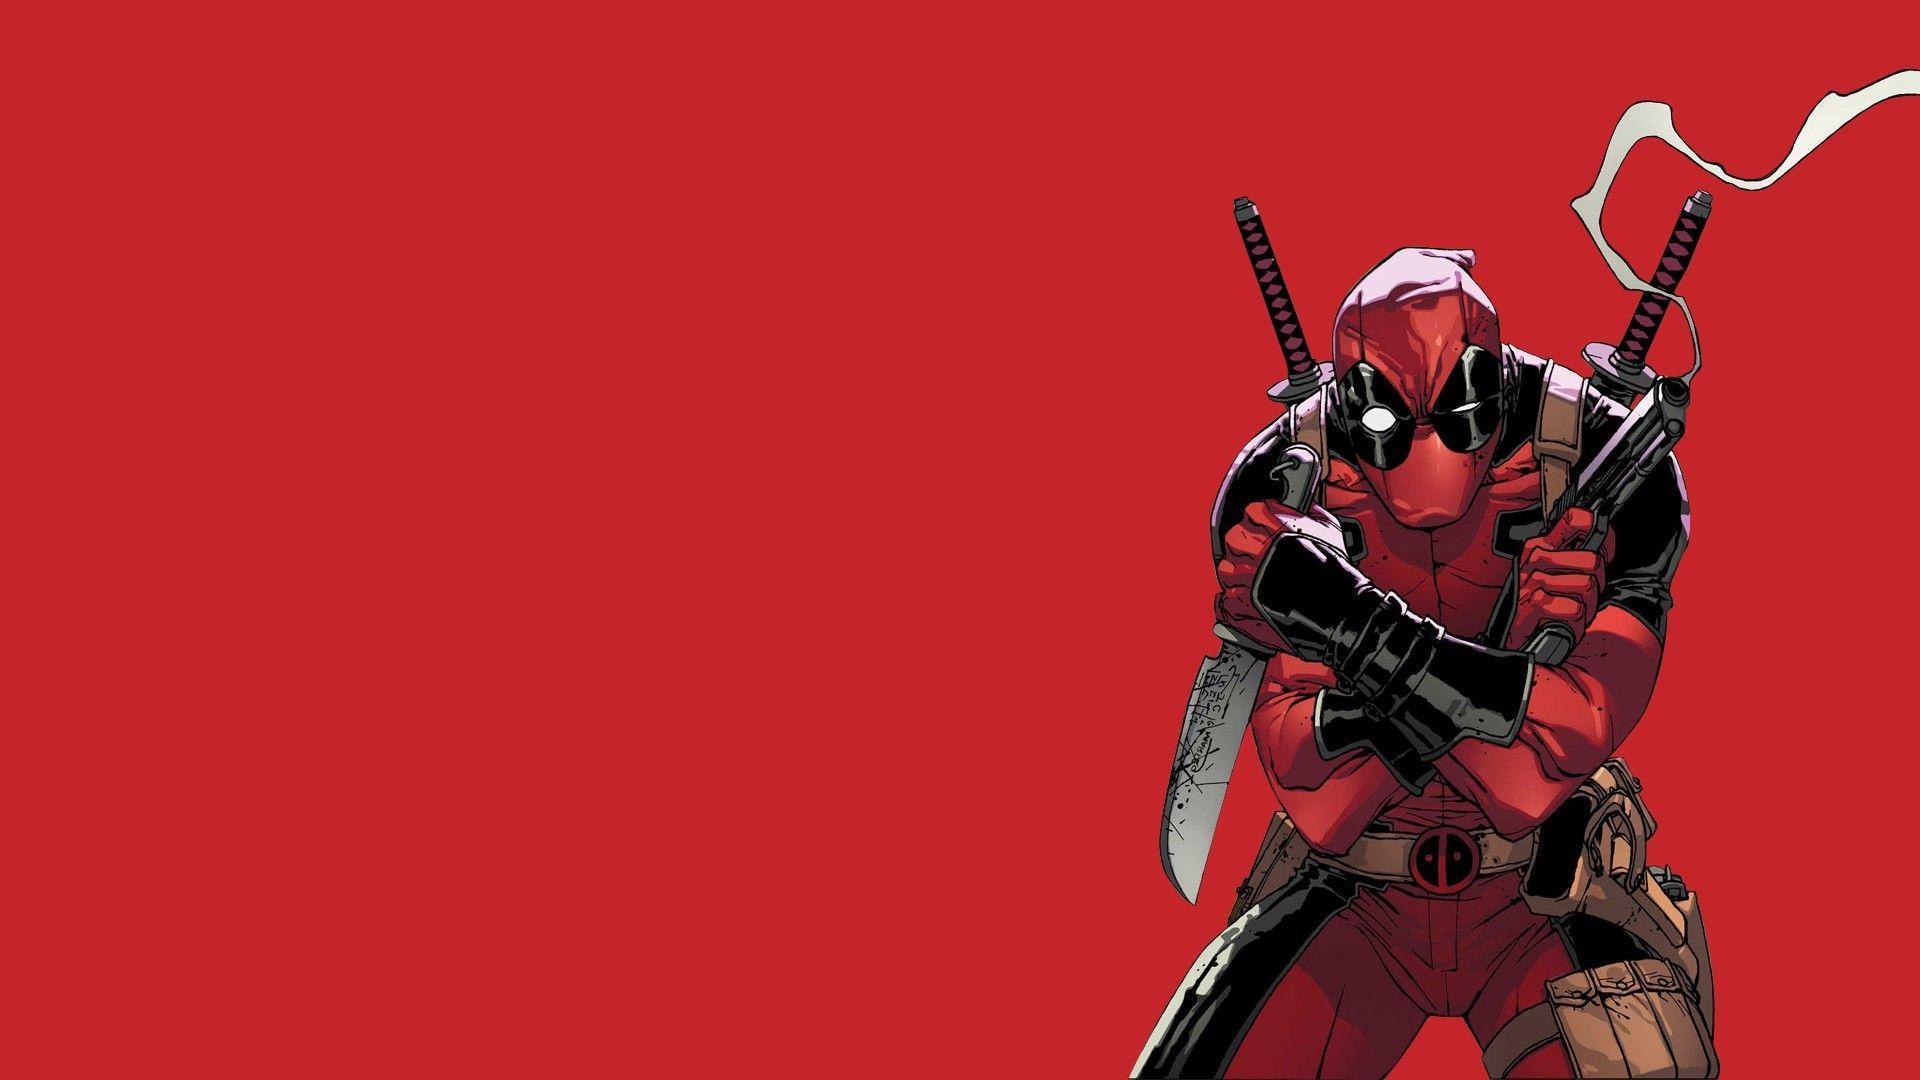 Deadpool Hd Desktop Wallpapers Top Free Deadpool Hd Desktop